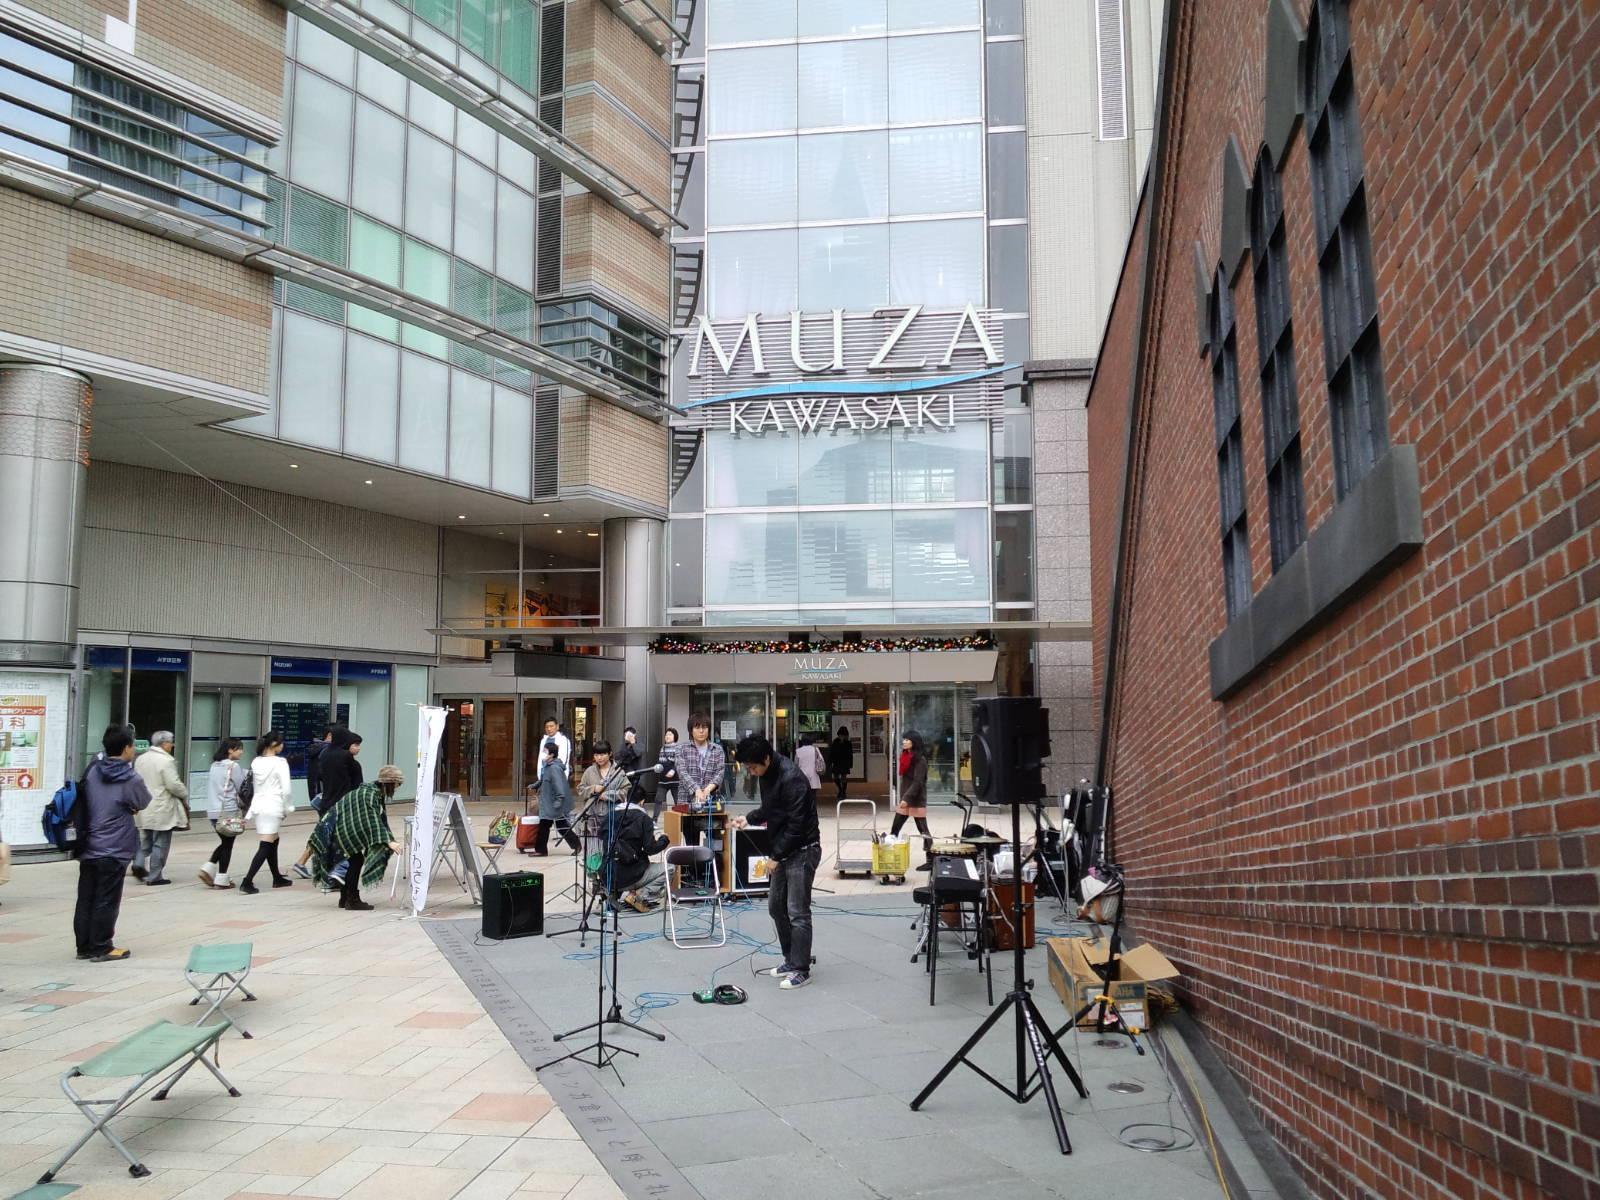 川崎ミューザゲートプラザ順番とスタジオ